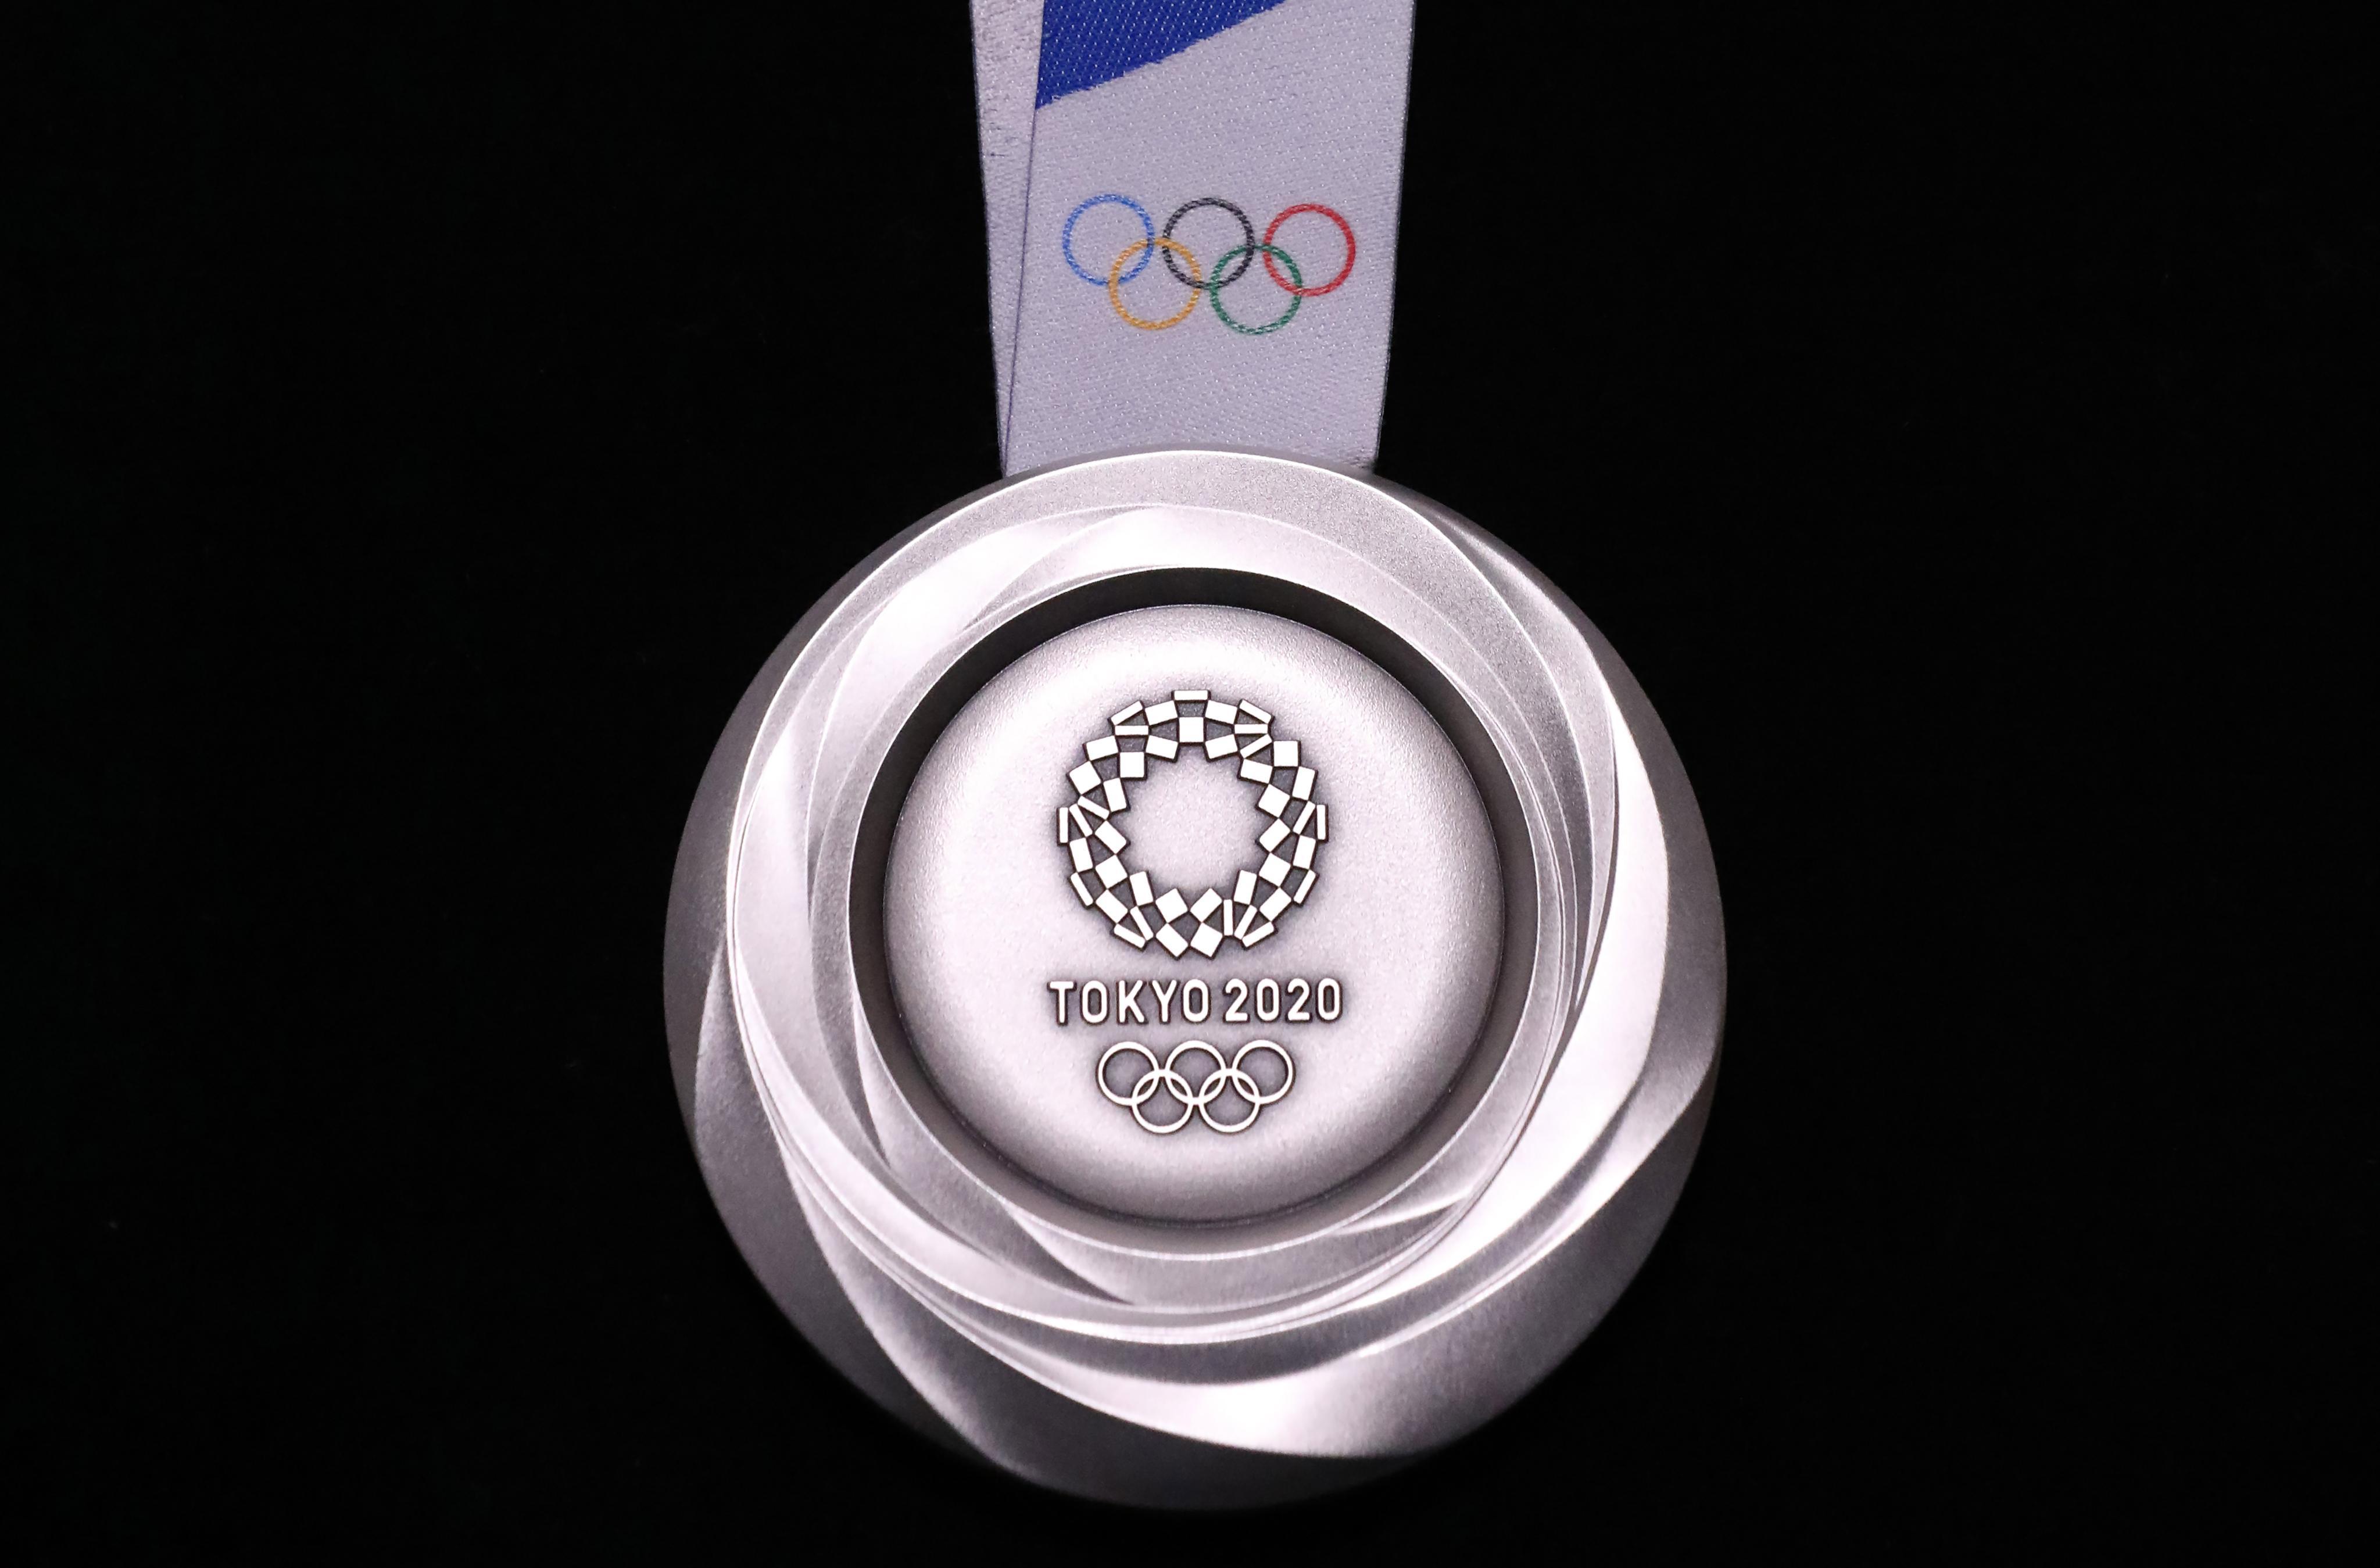 thumbnail do Álbum Olimpíada: faltam dois dias para a cerimônia de abertura